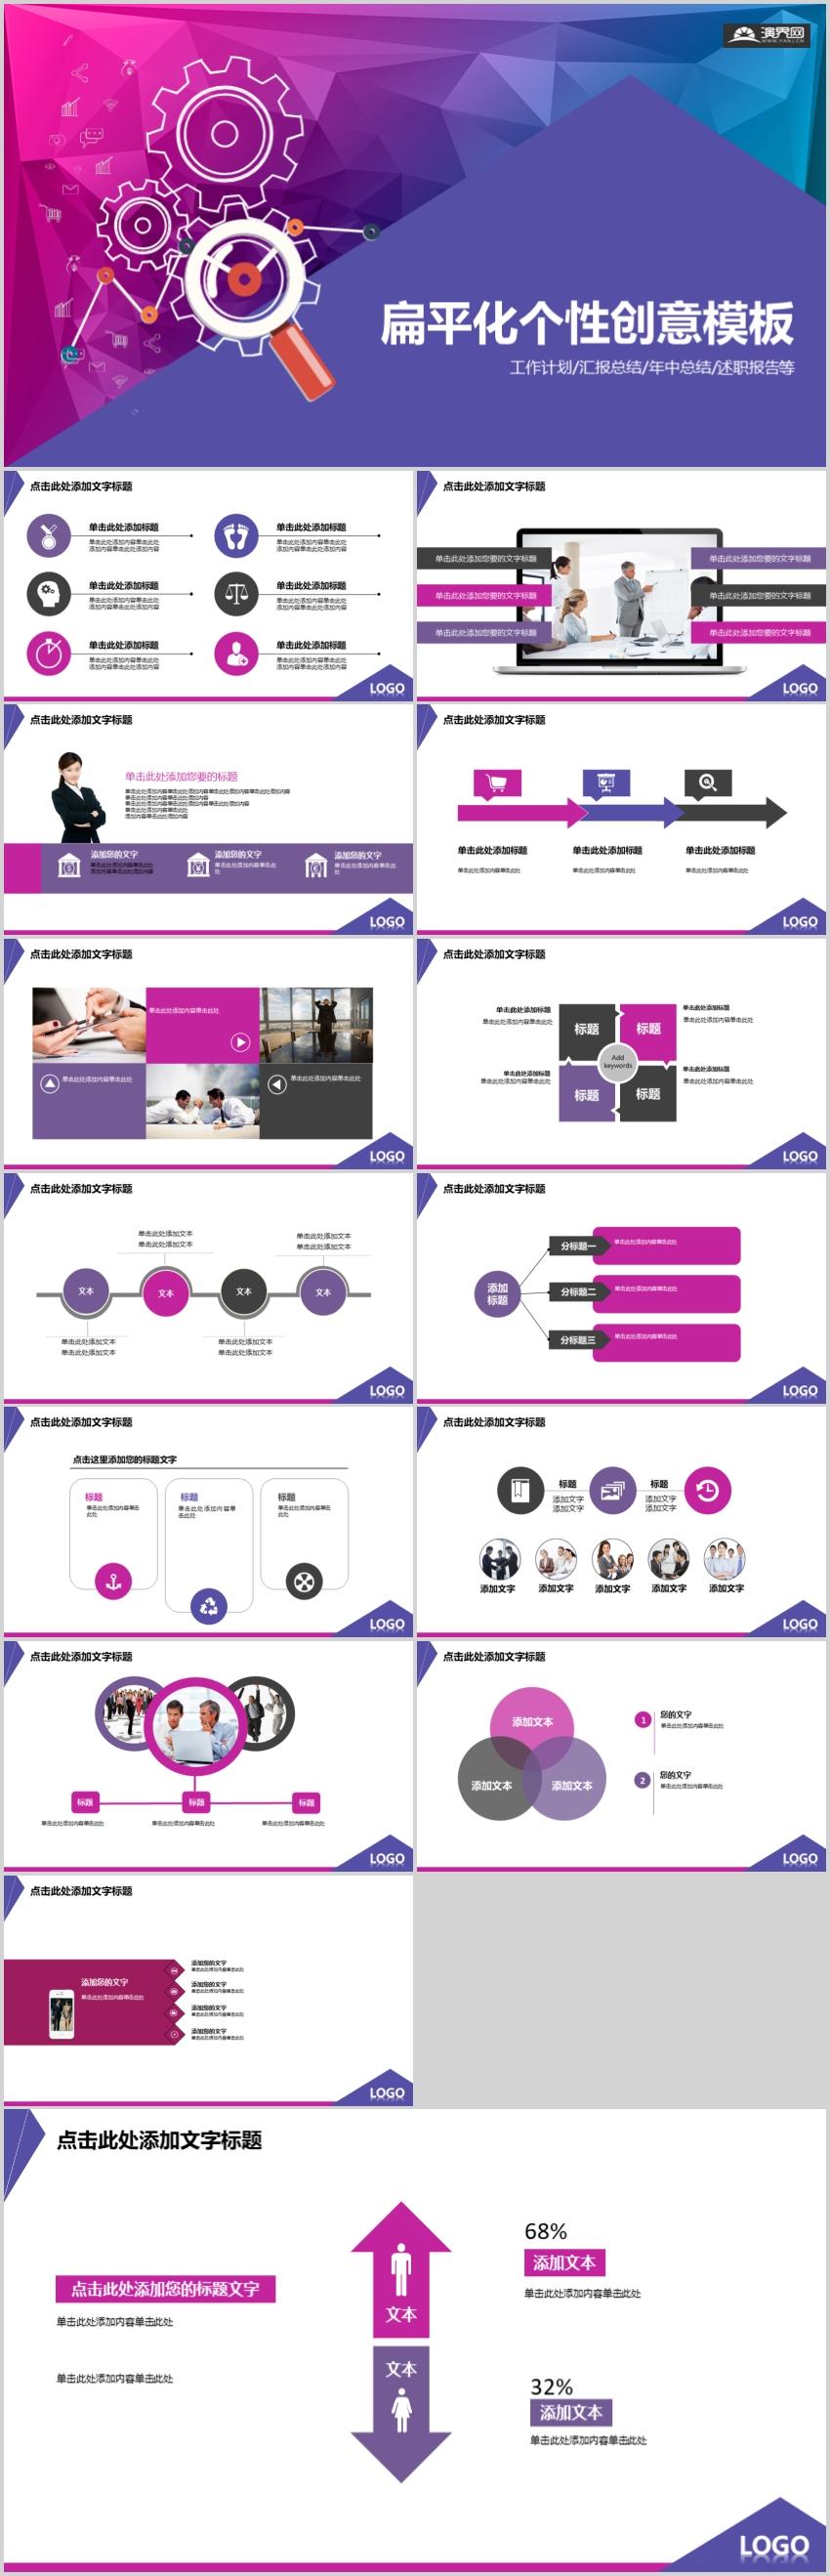 扁平化个性创意工作总结PPT模板